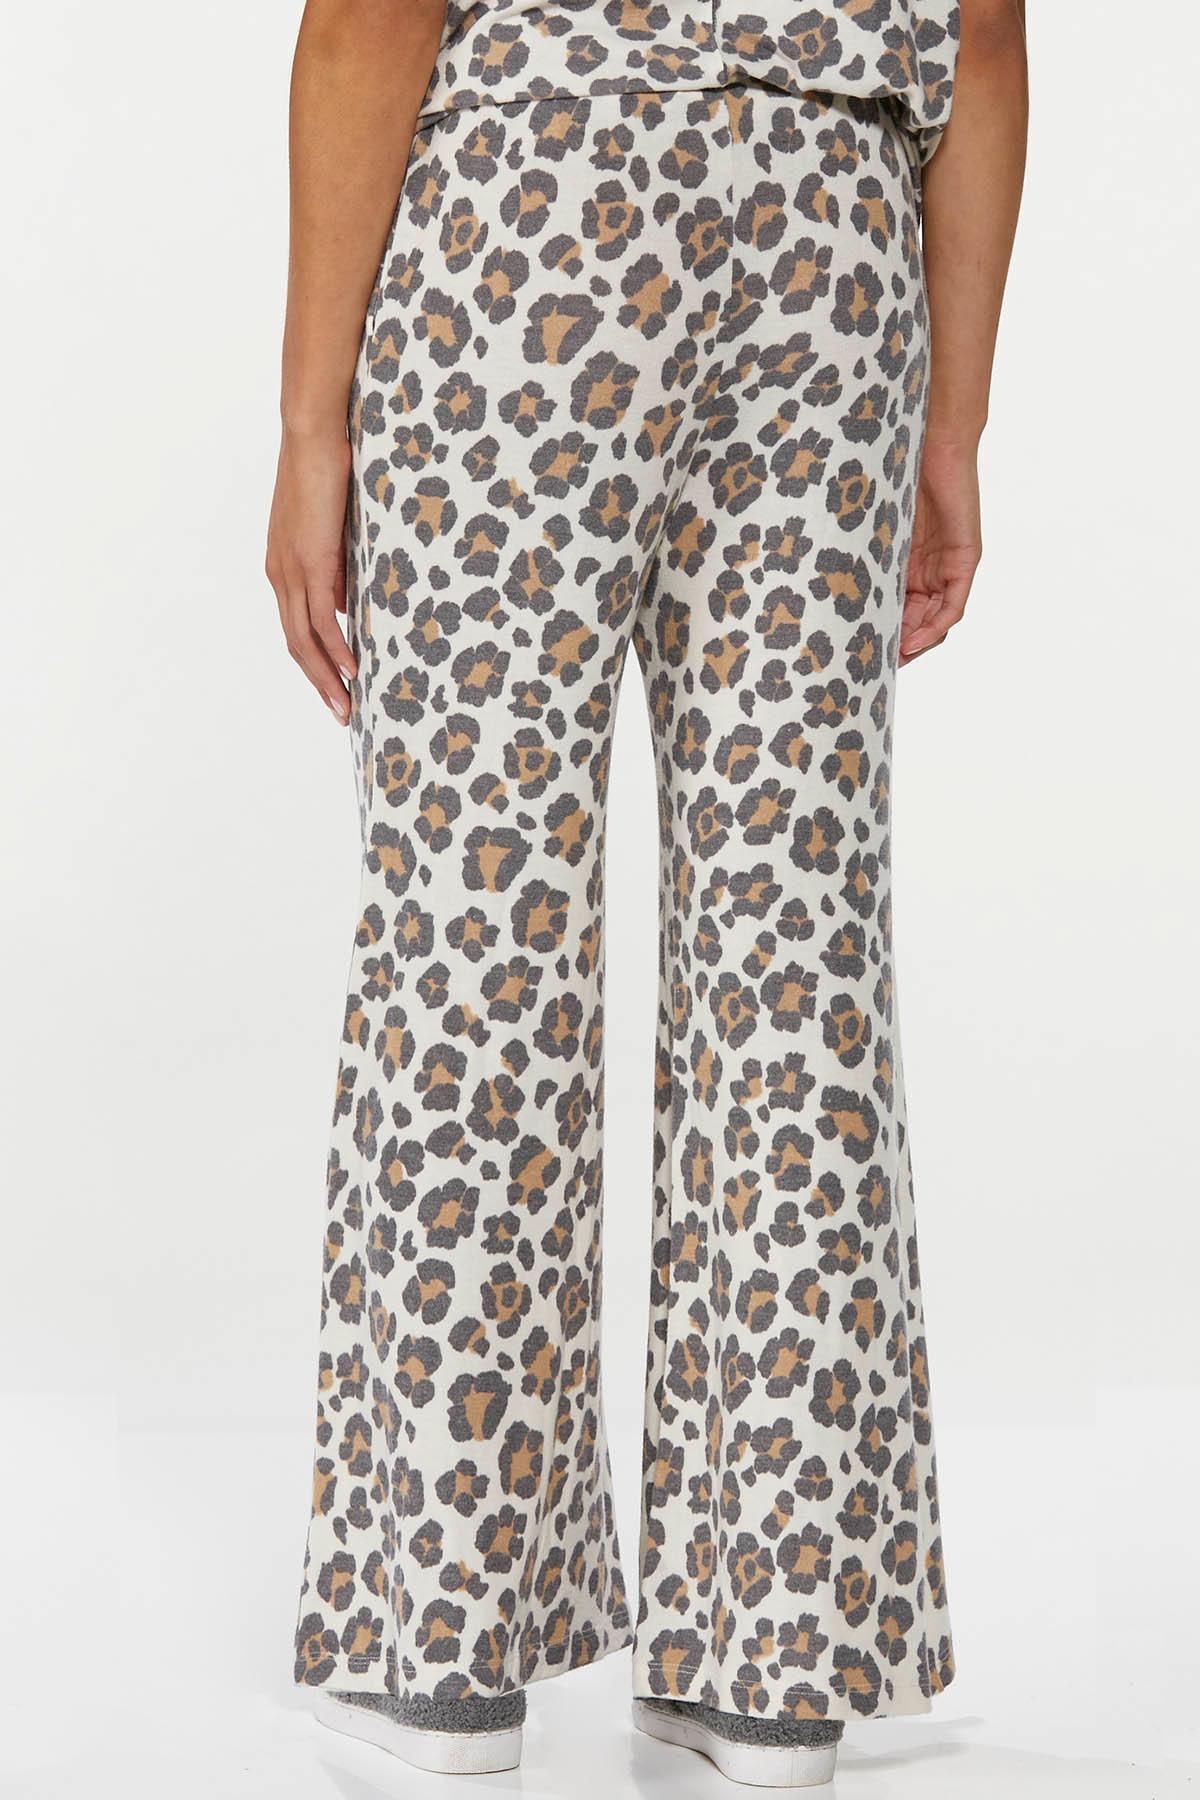 Leopard Lounge Pants (Item #44674964)